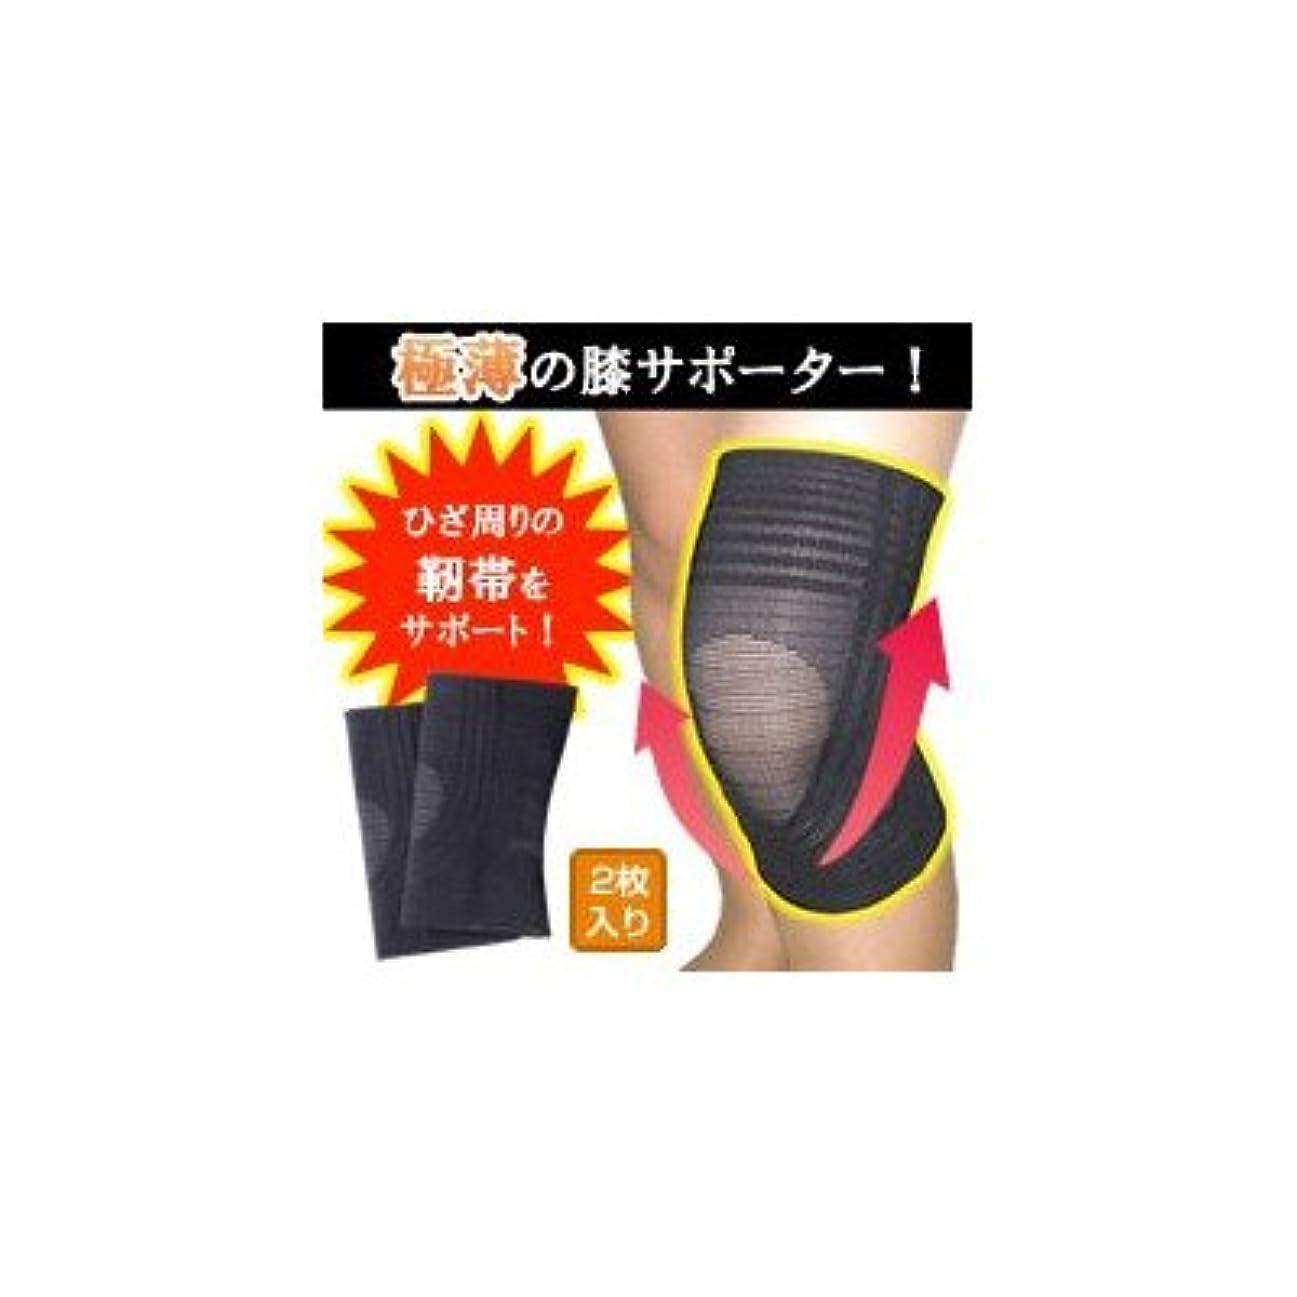 サポート対人ますます縁の下の膝靭帯サポーター L( 画像はイメージ画像です お届けの商品はLのみとなります)